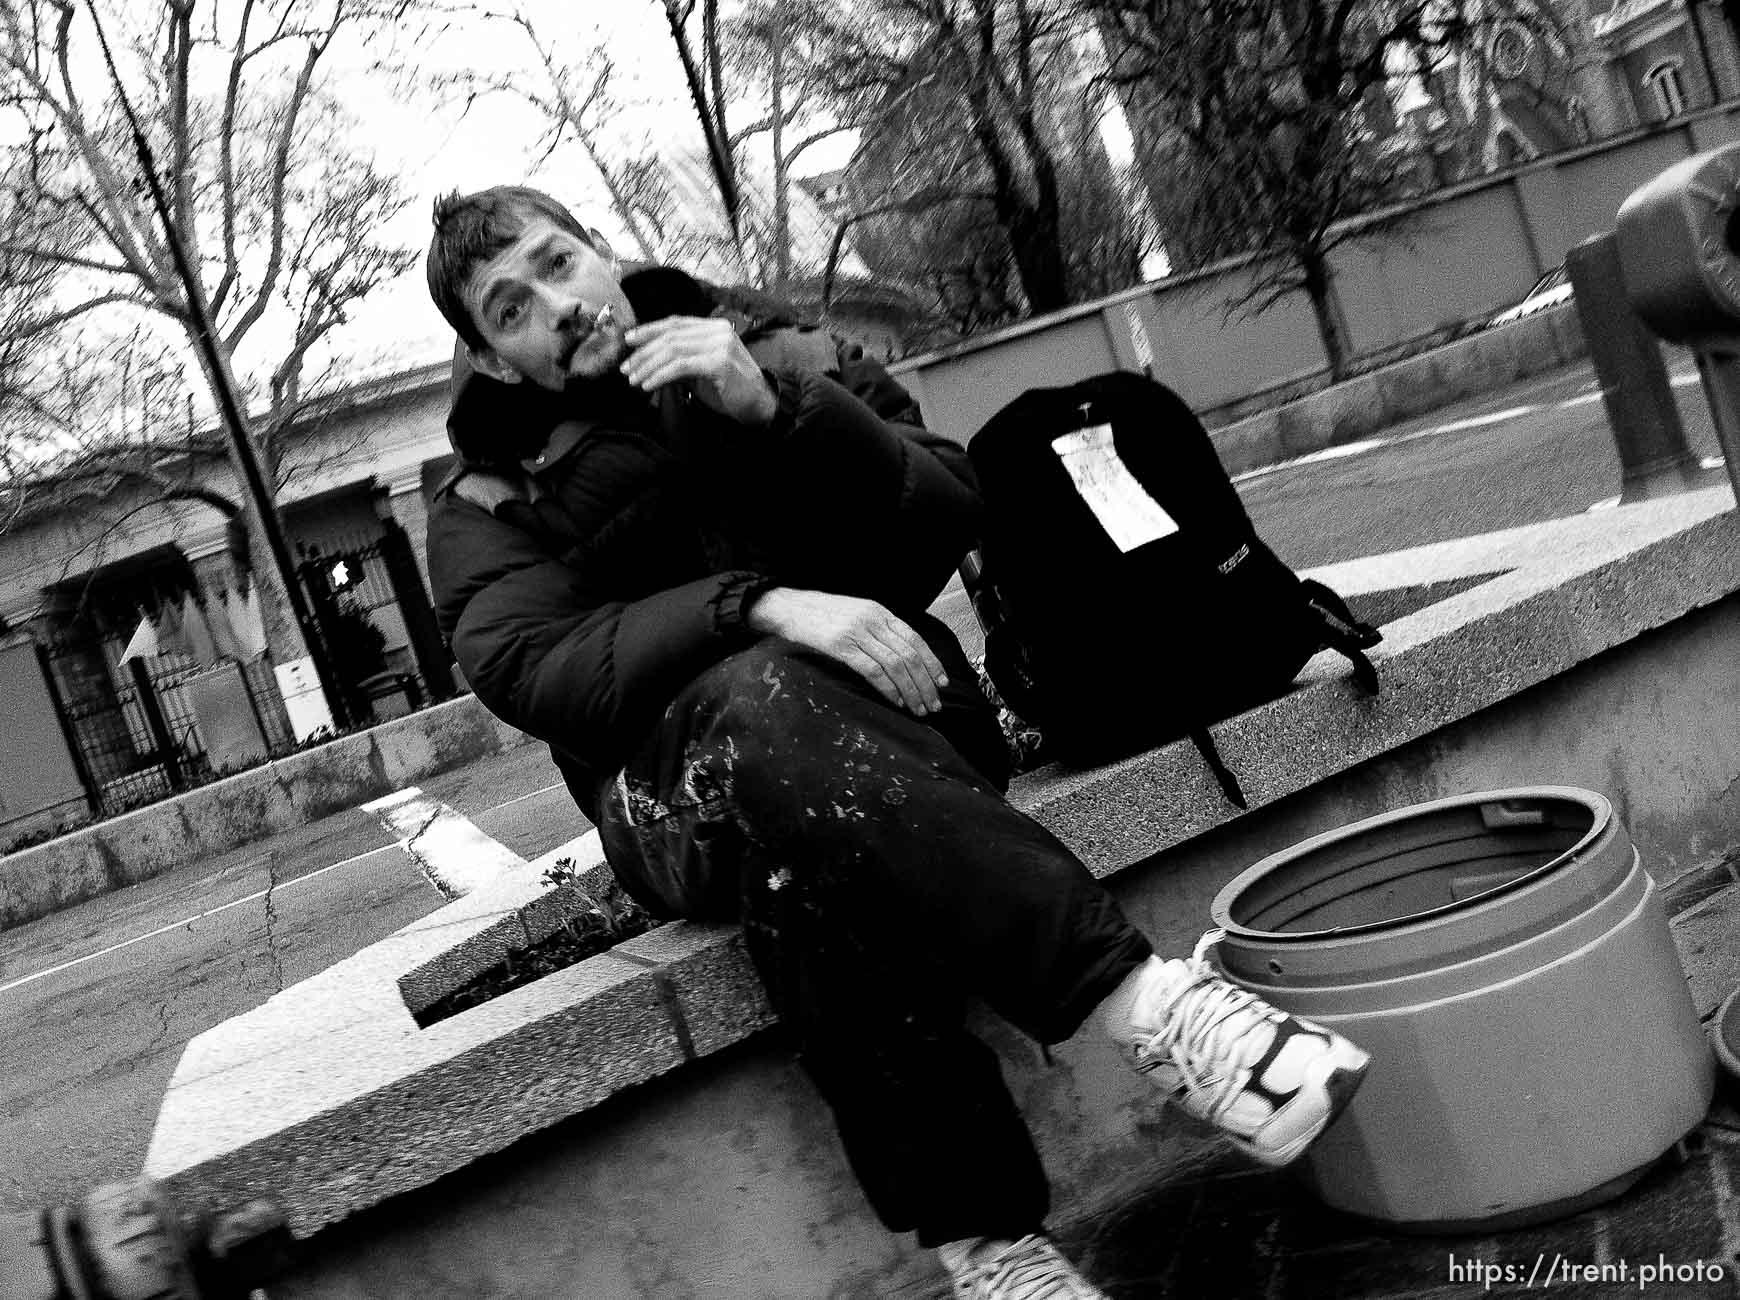 photo by Lokii, http://thetrickstergod.com